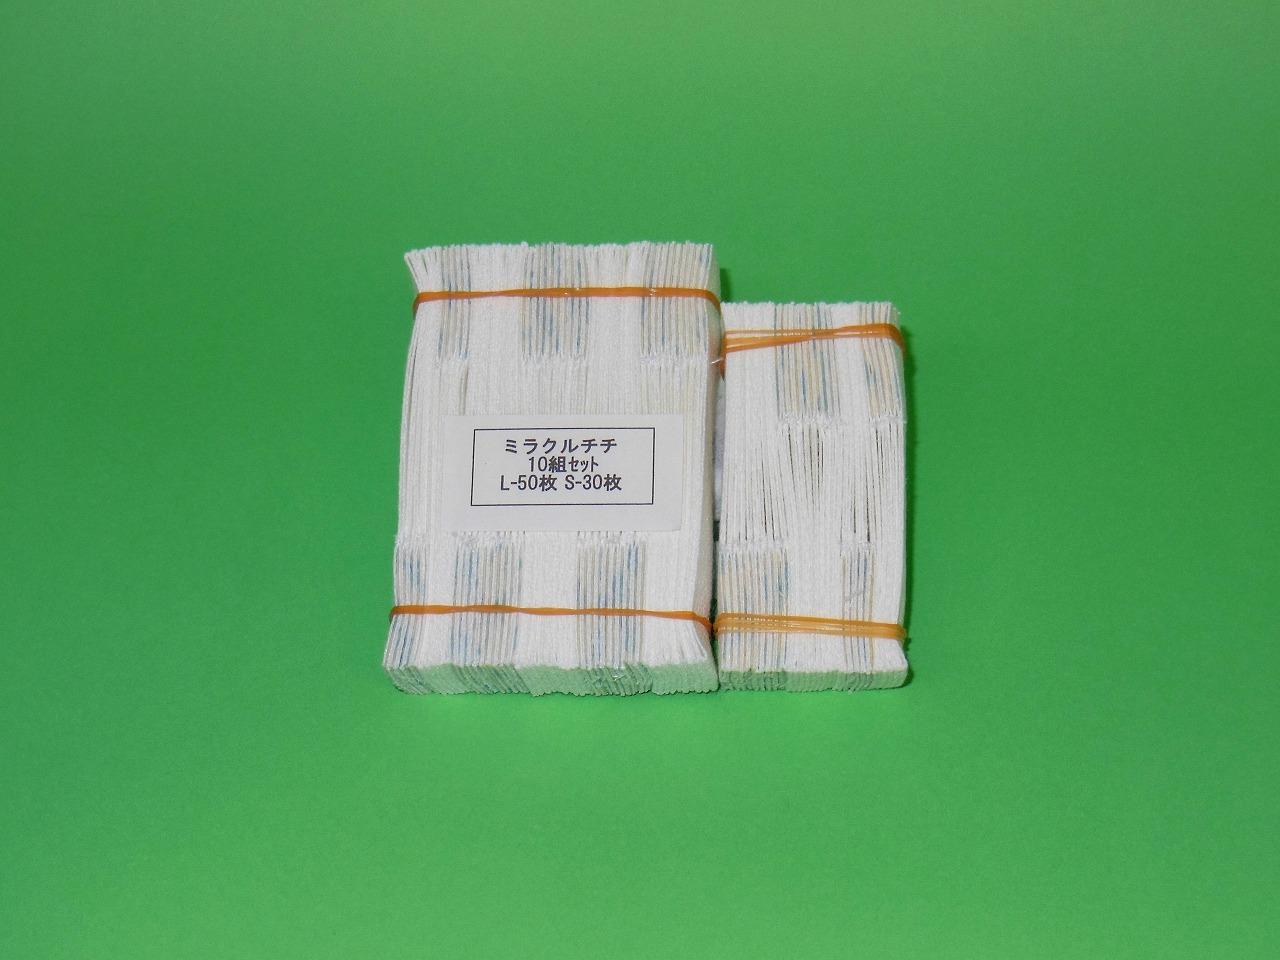 ミラクルチチテープ ジャンボ